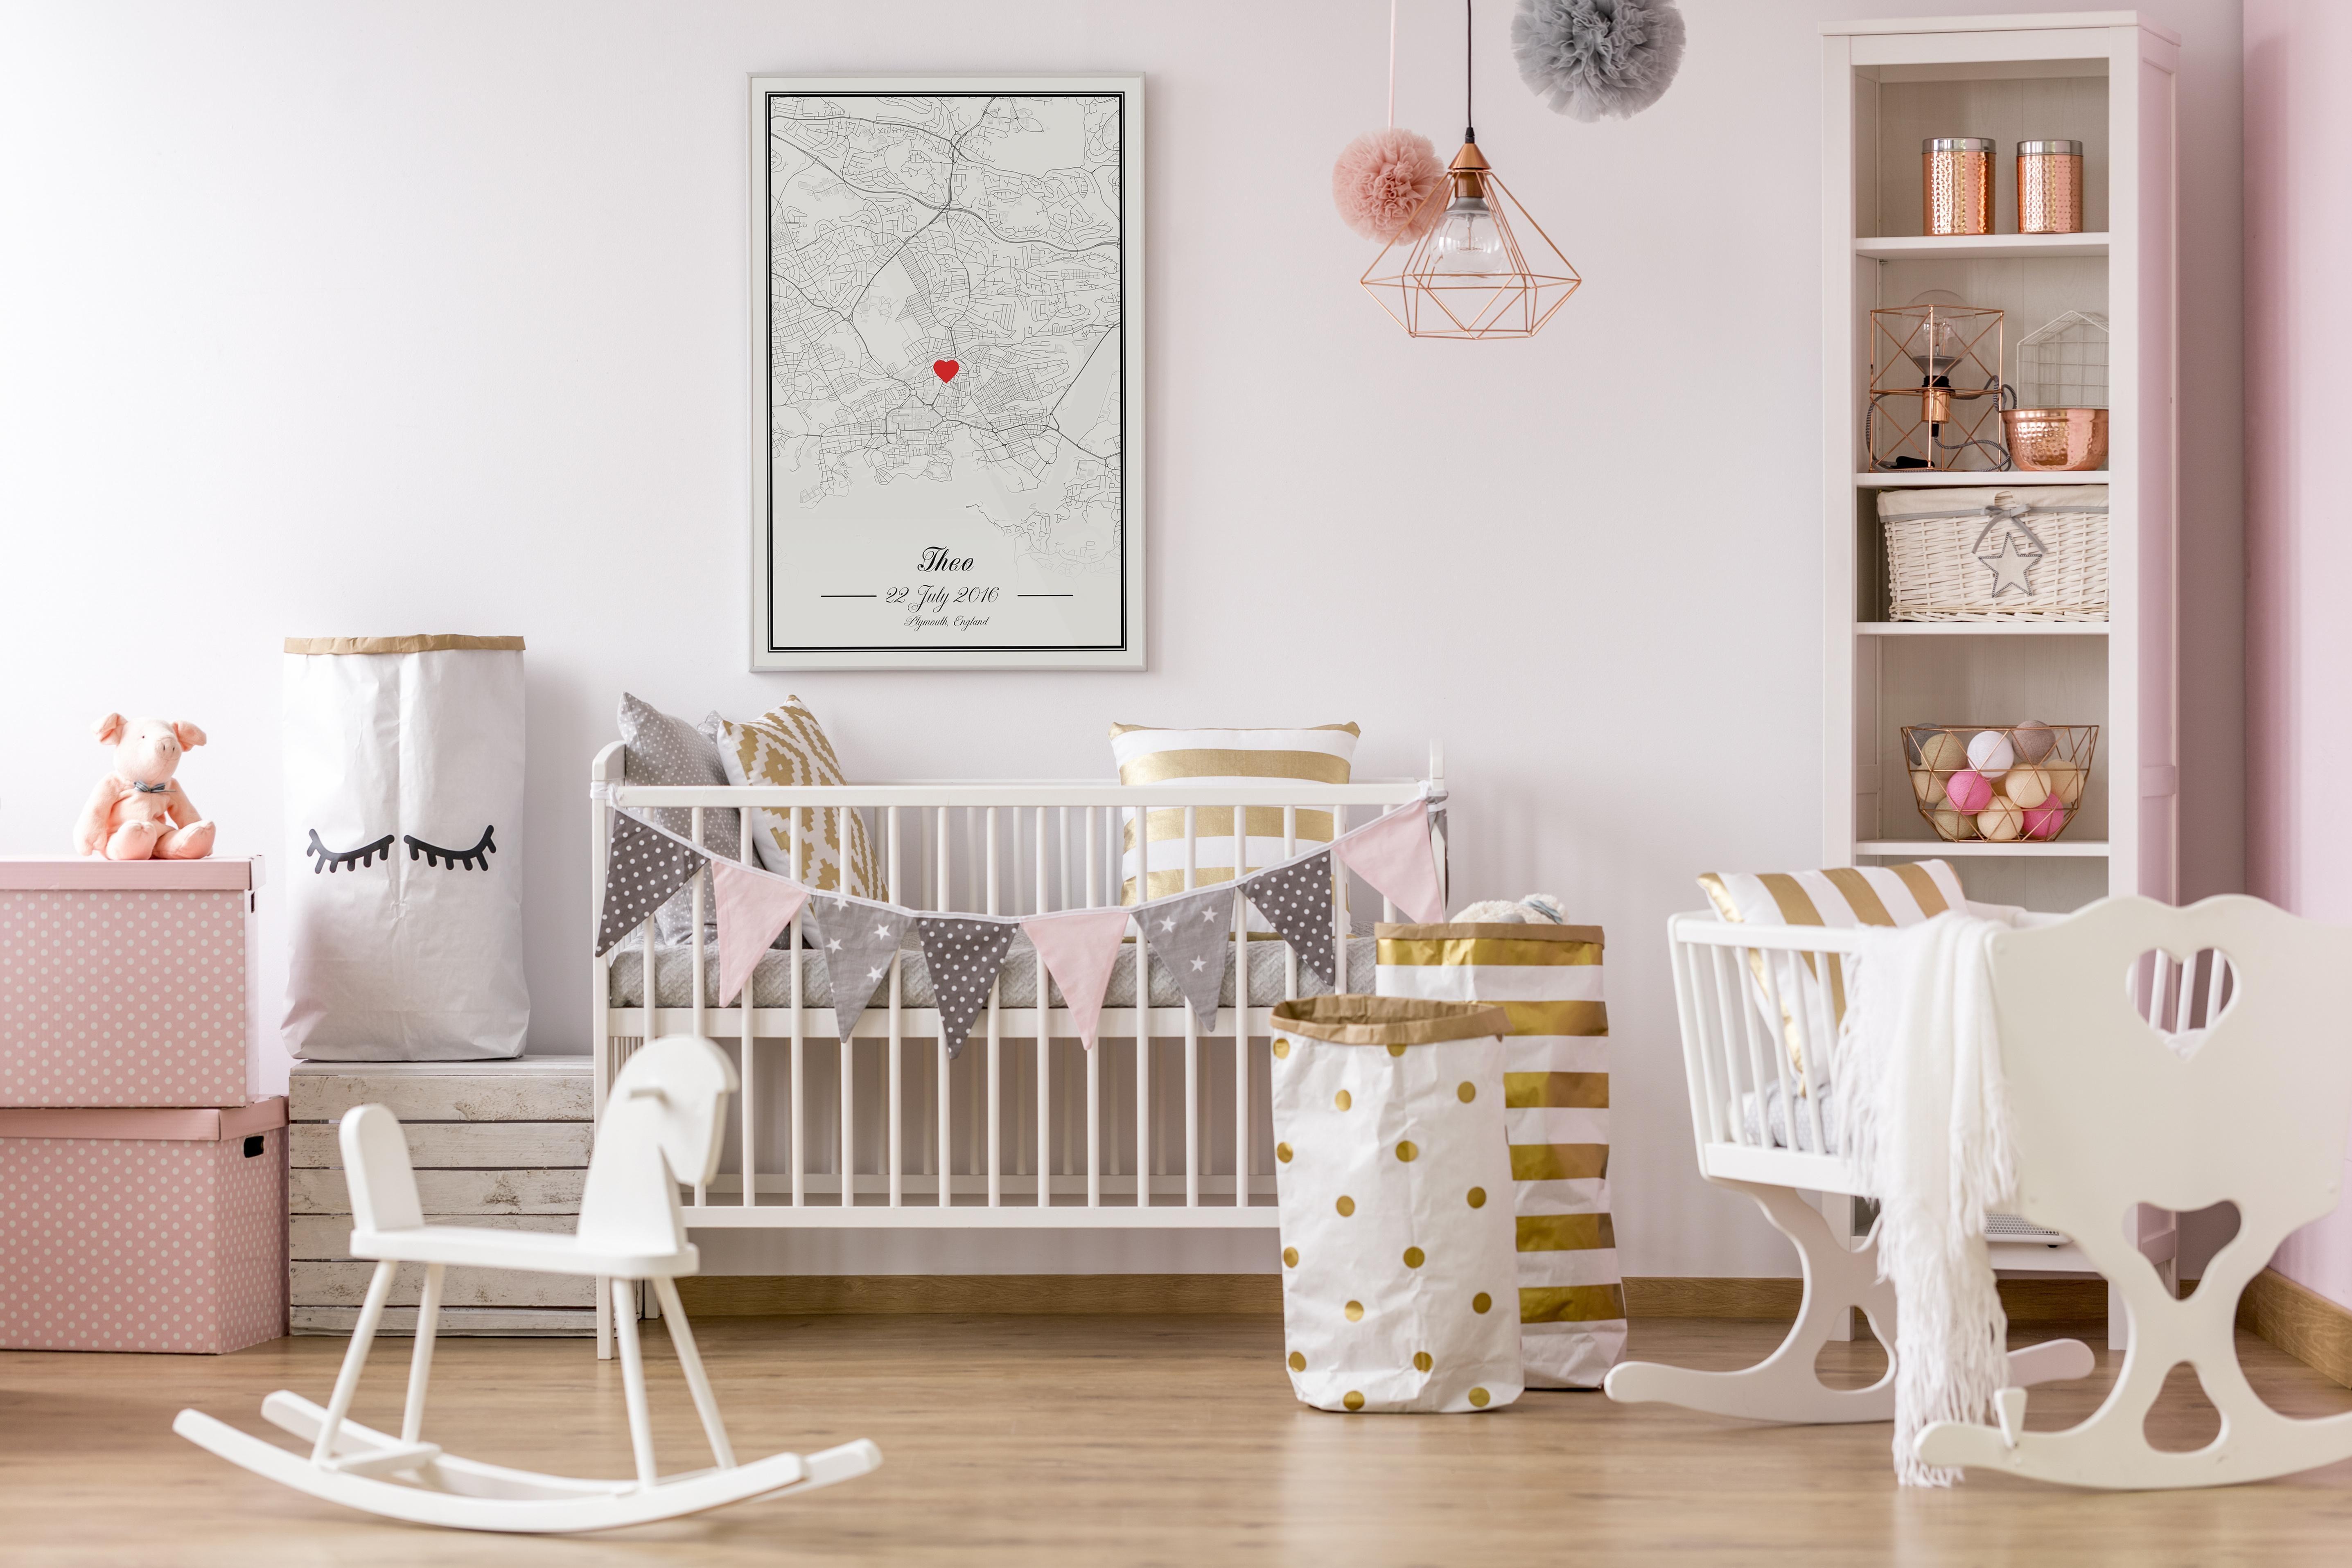 Kinderzimmer Einrichten Mapify Poster Couch